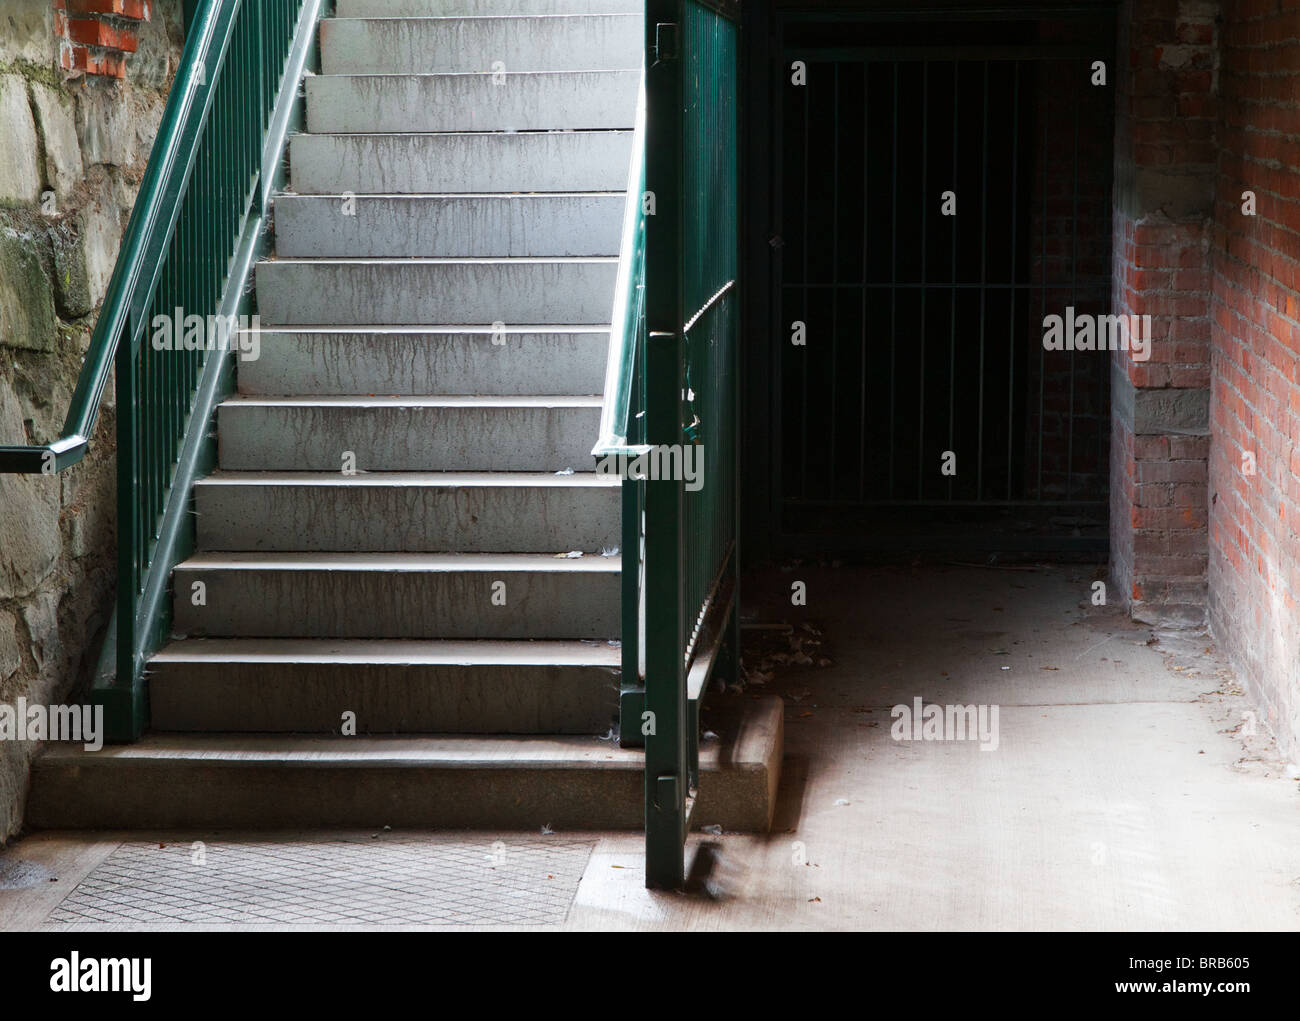 Garde-corps vert Cave Ville escaliers menant à la pierre et la brique de niveau inférieur Photo Stock